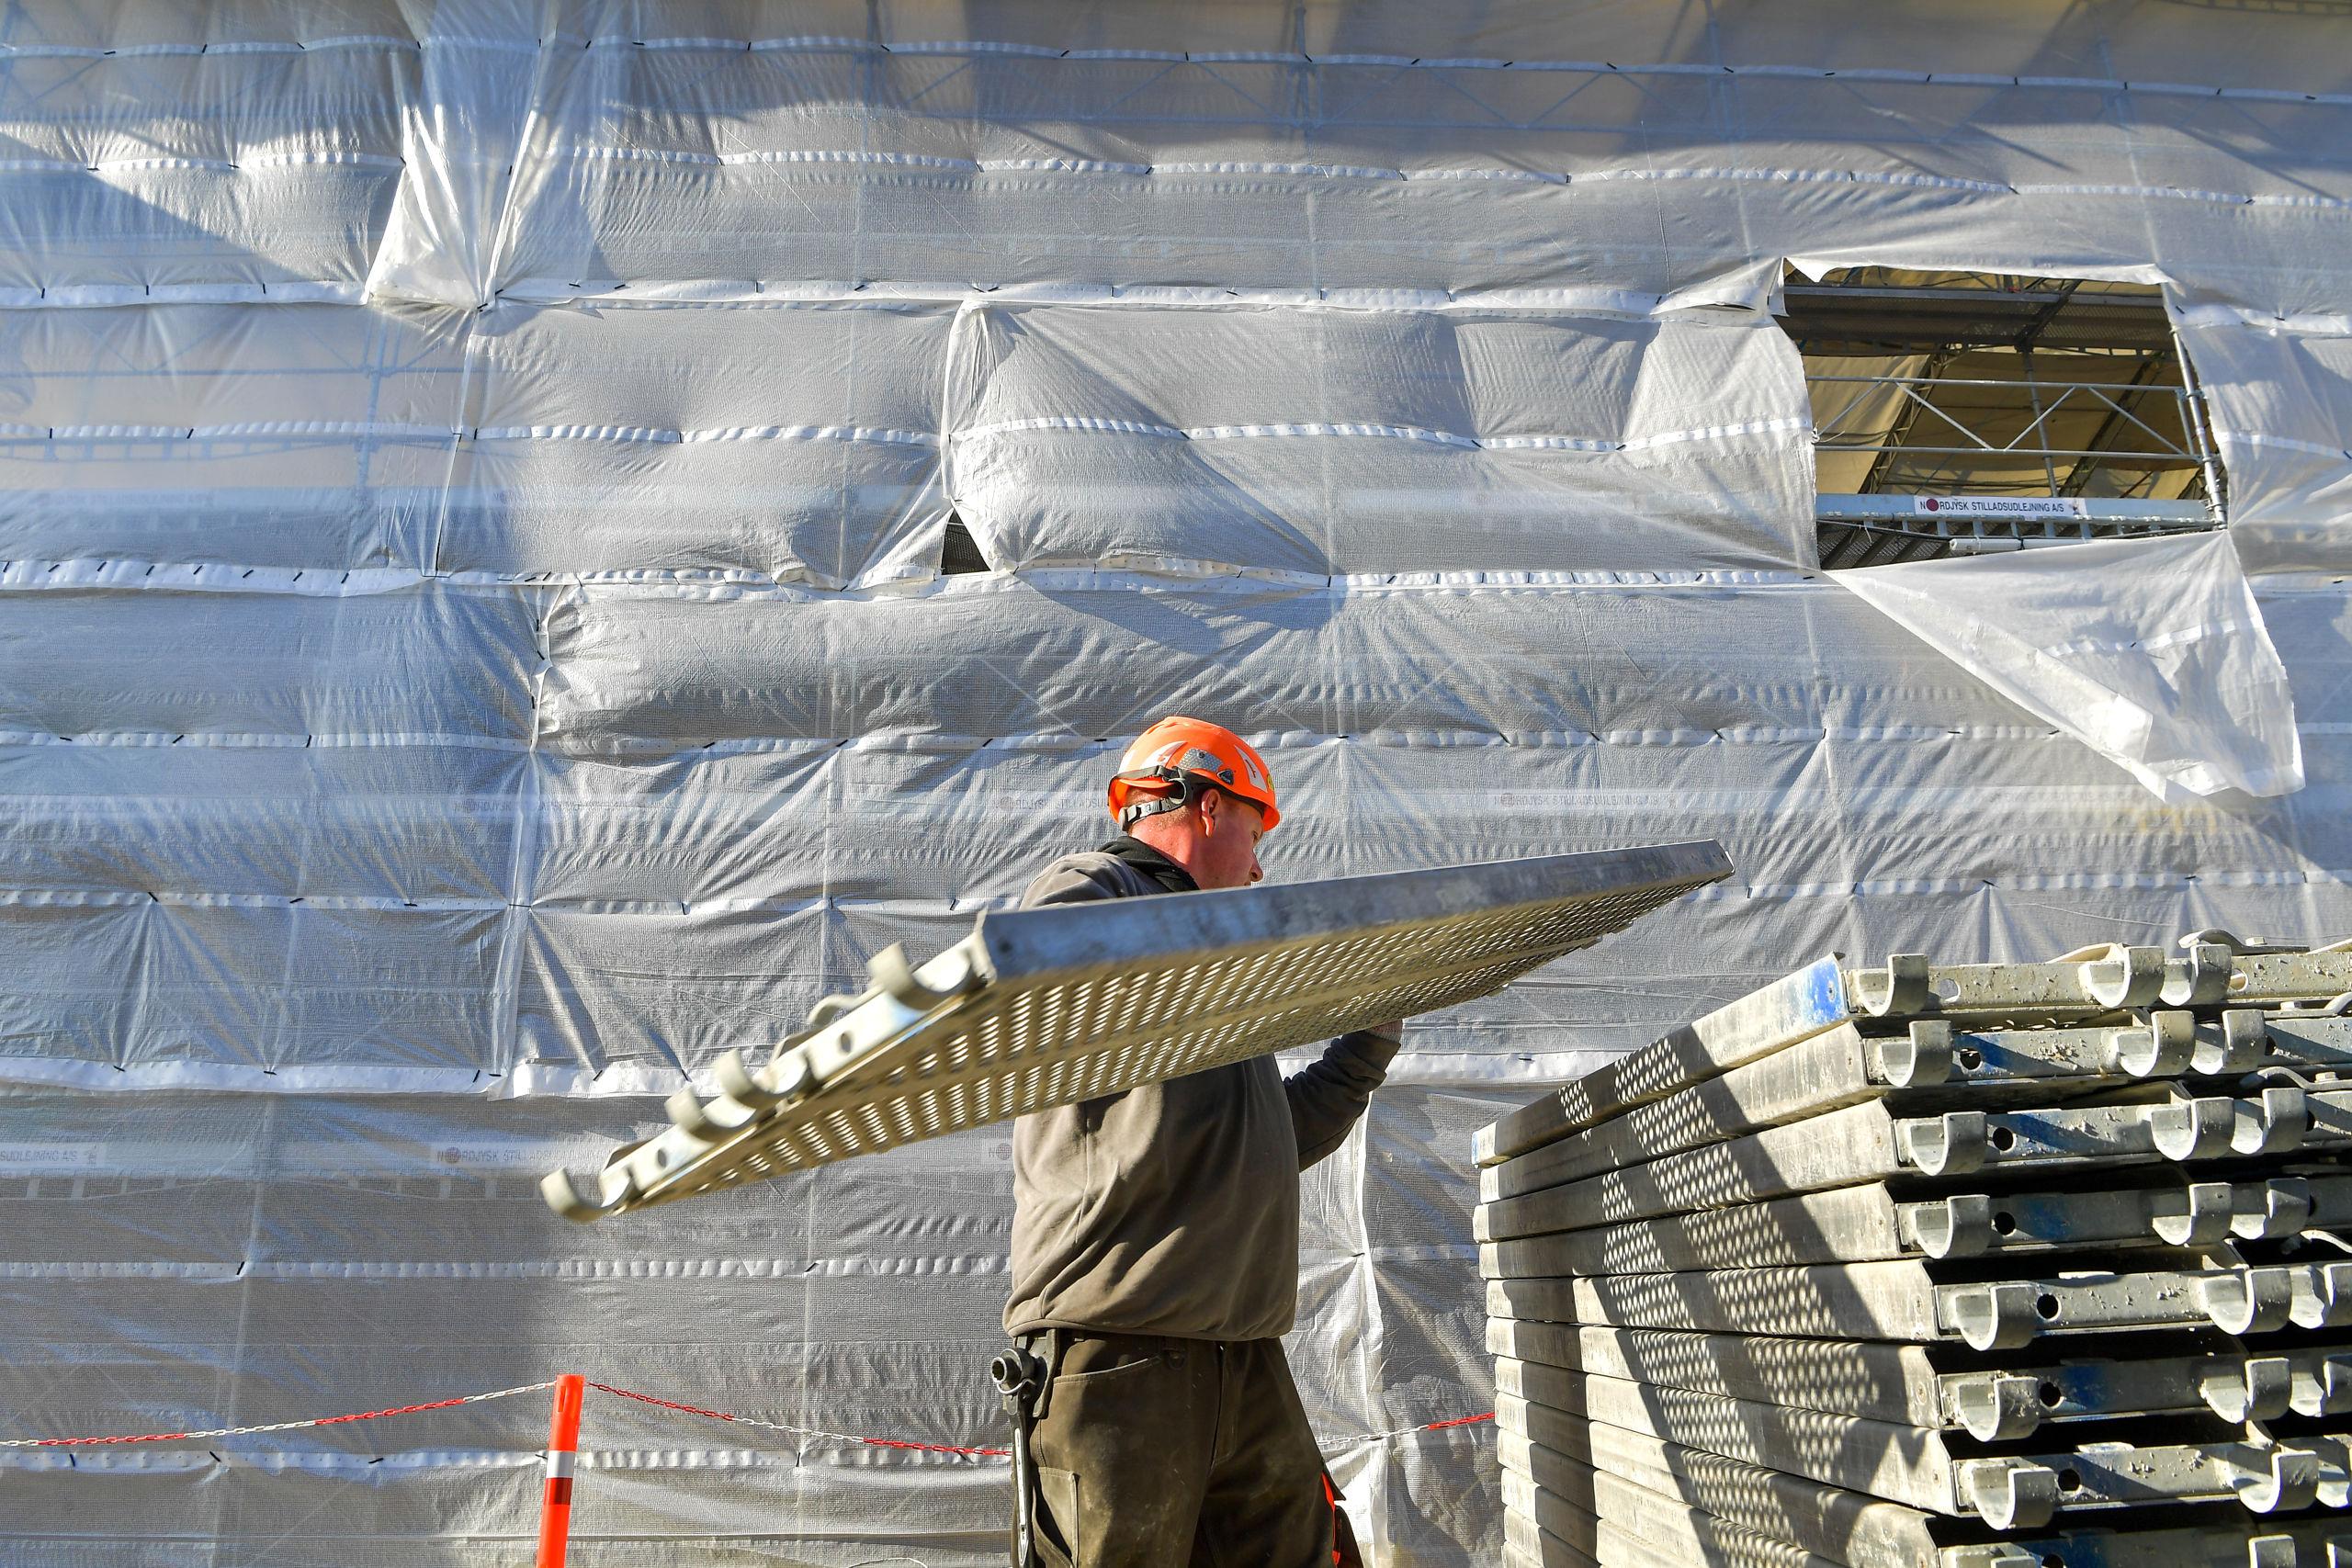 Det er blandt andet inden for bygge- og anlægs-området, at der bliver skabt flere job. Arkivfoto: Jesper Thomasen